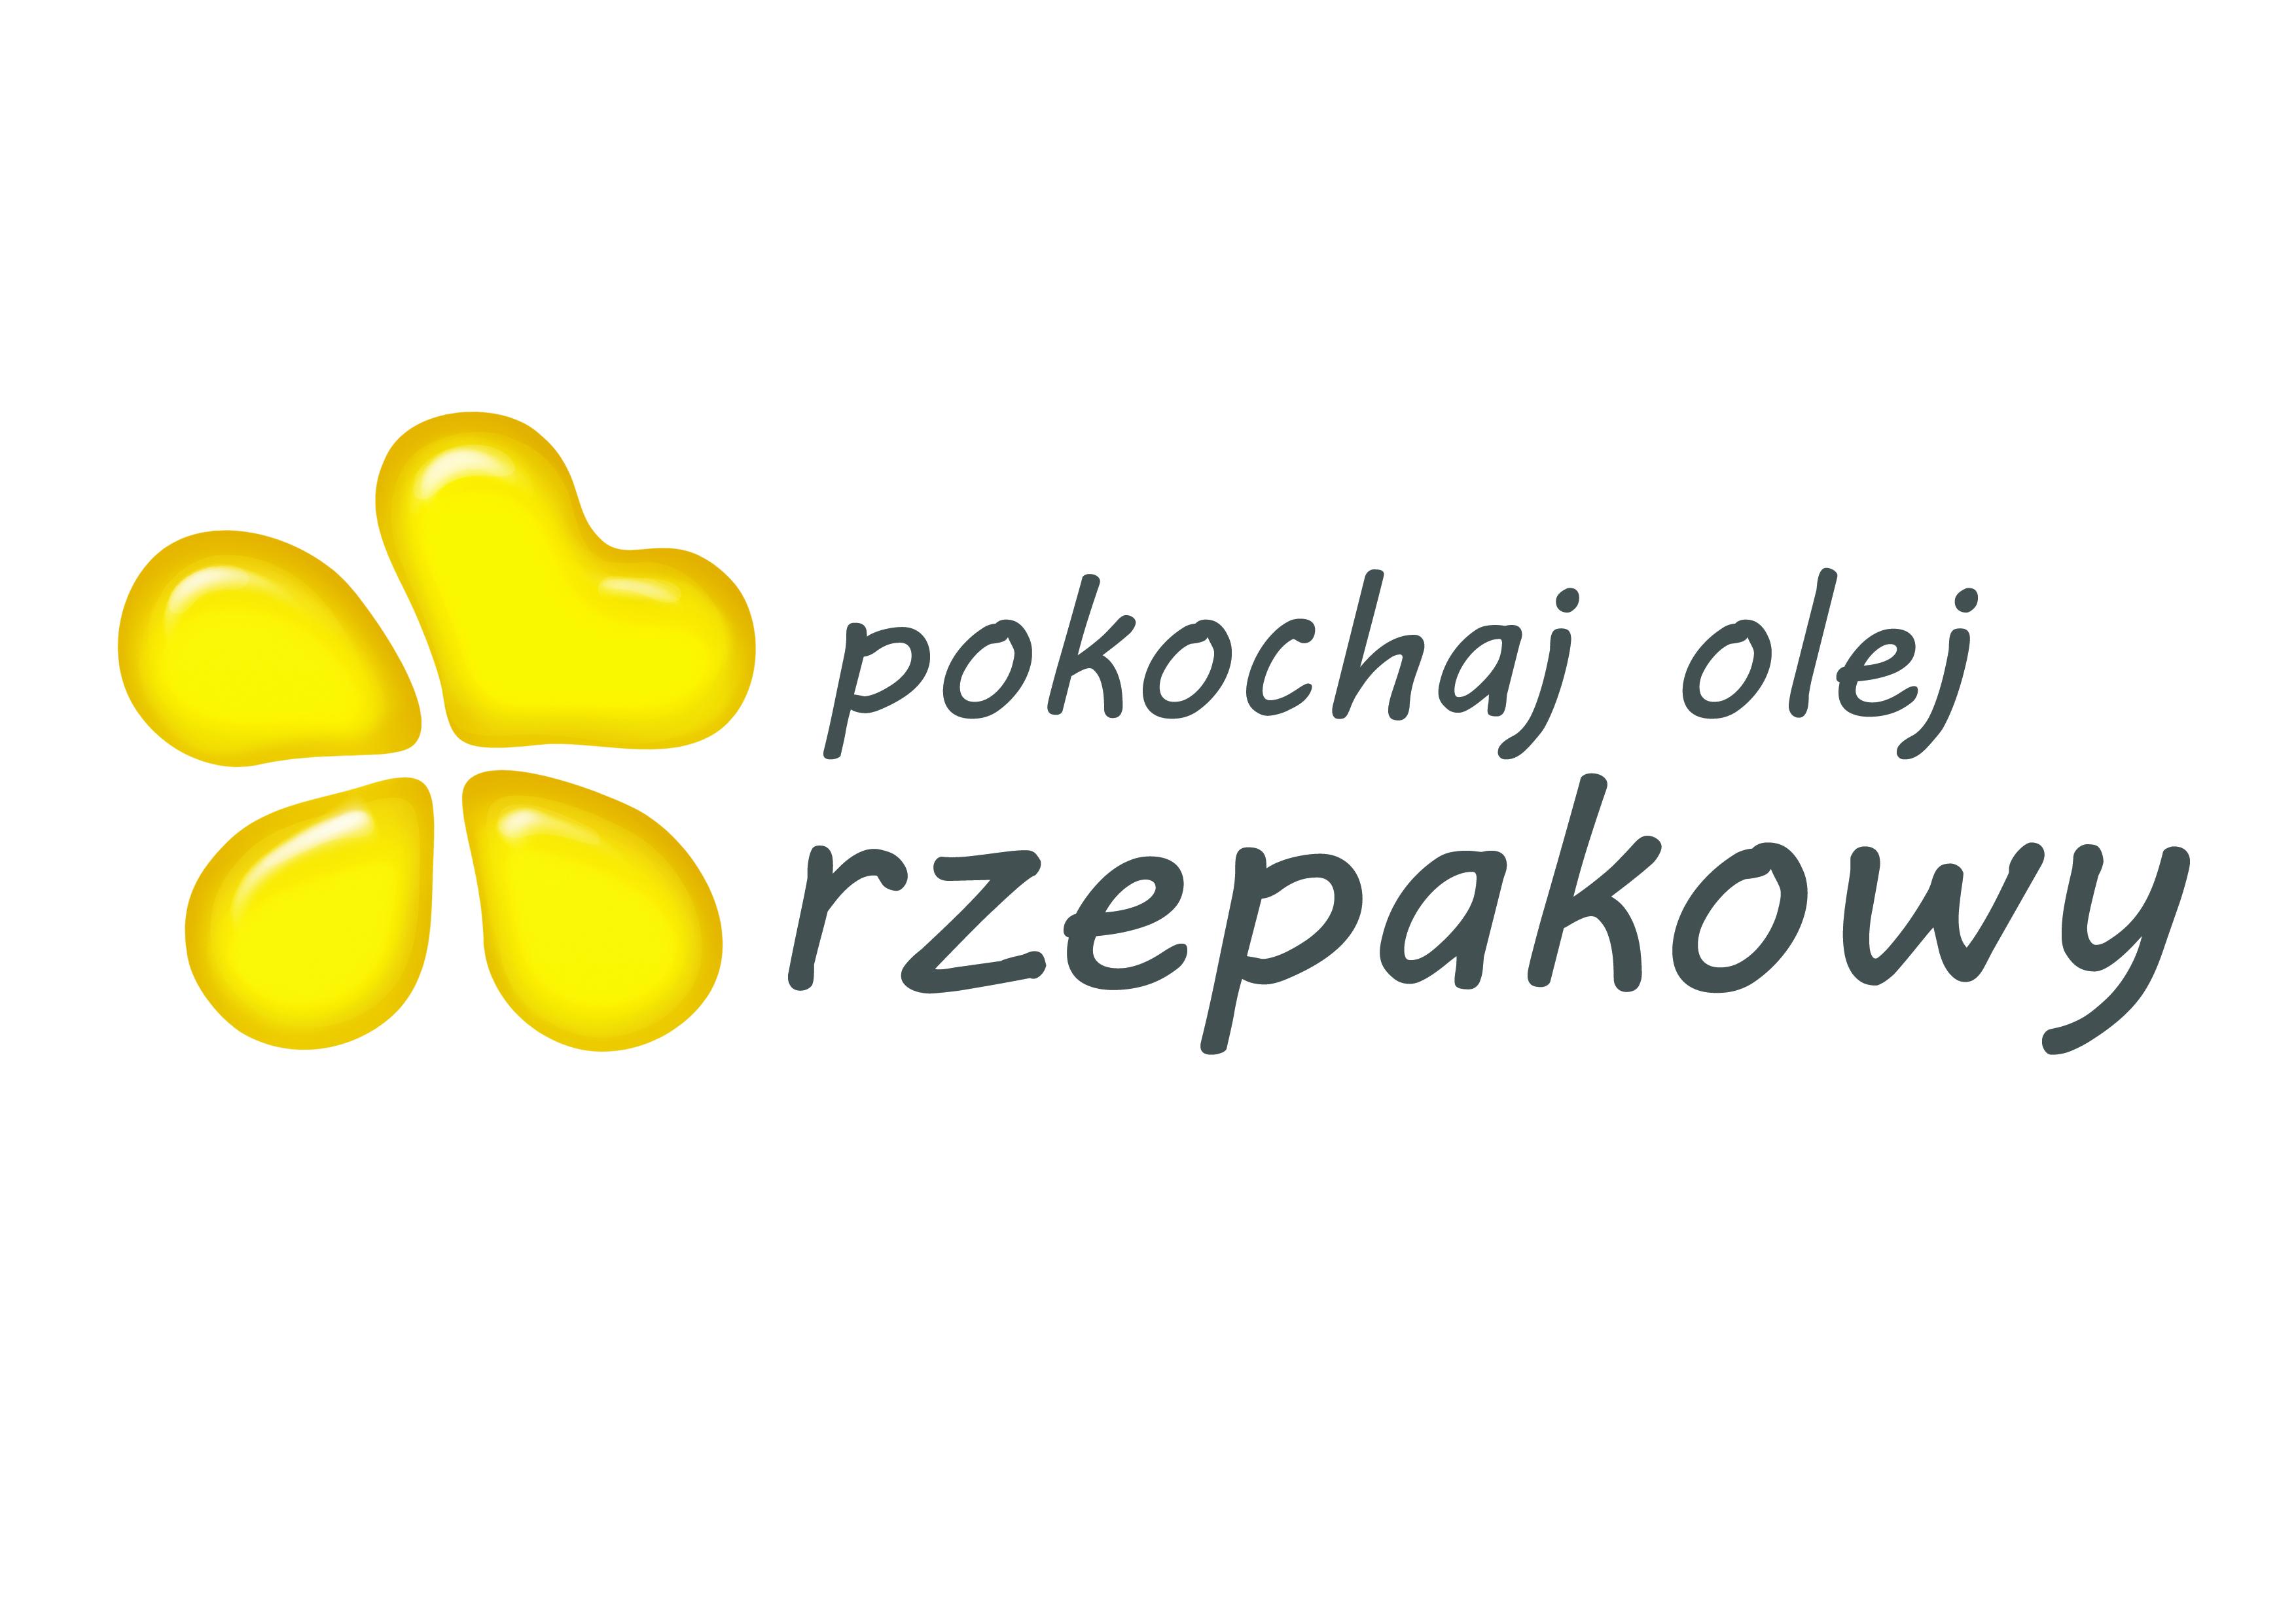 pokochaj olej rzepakowy logo